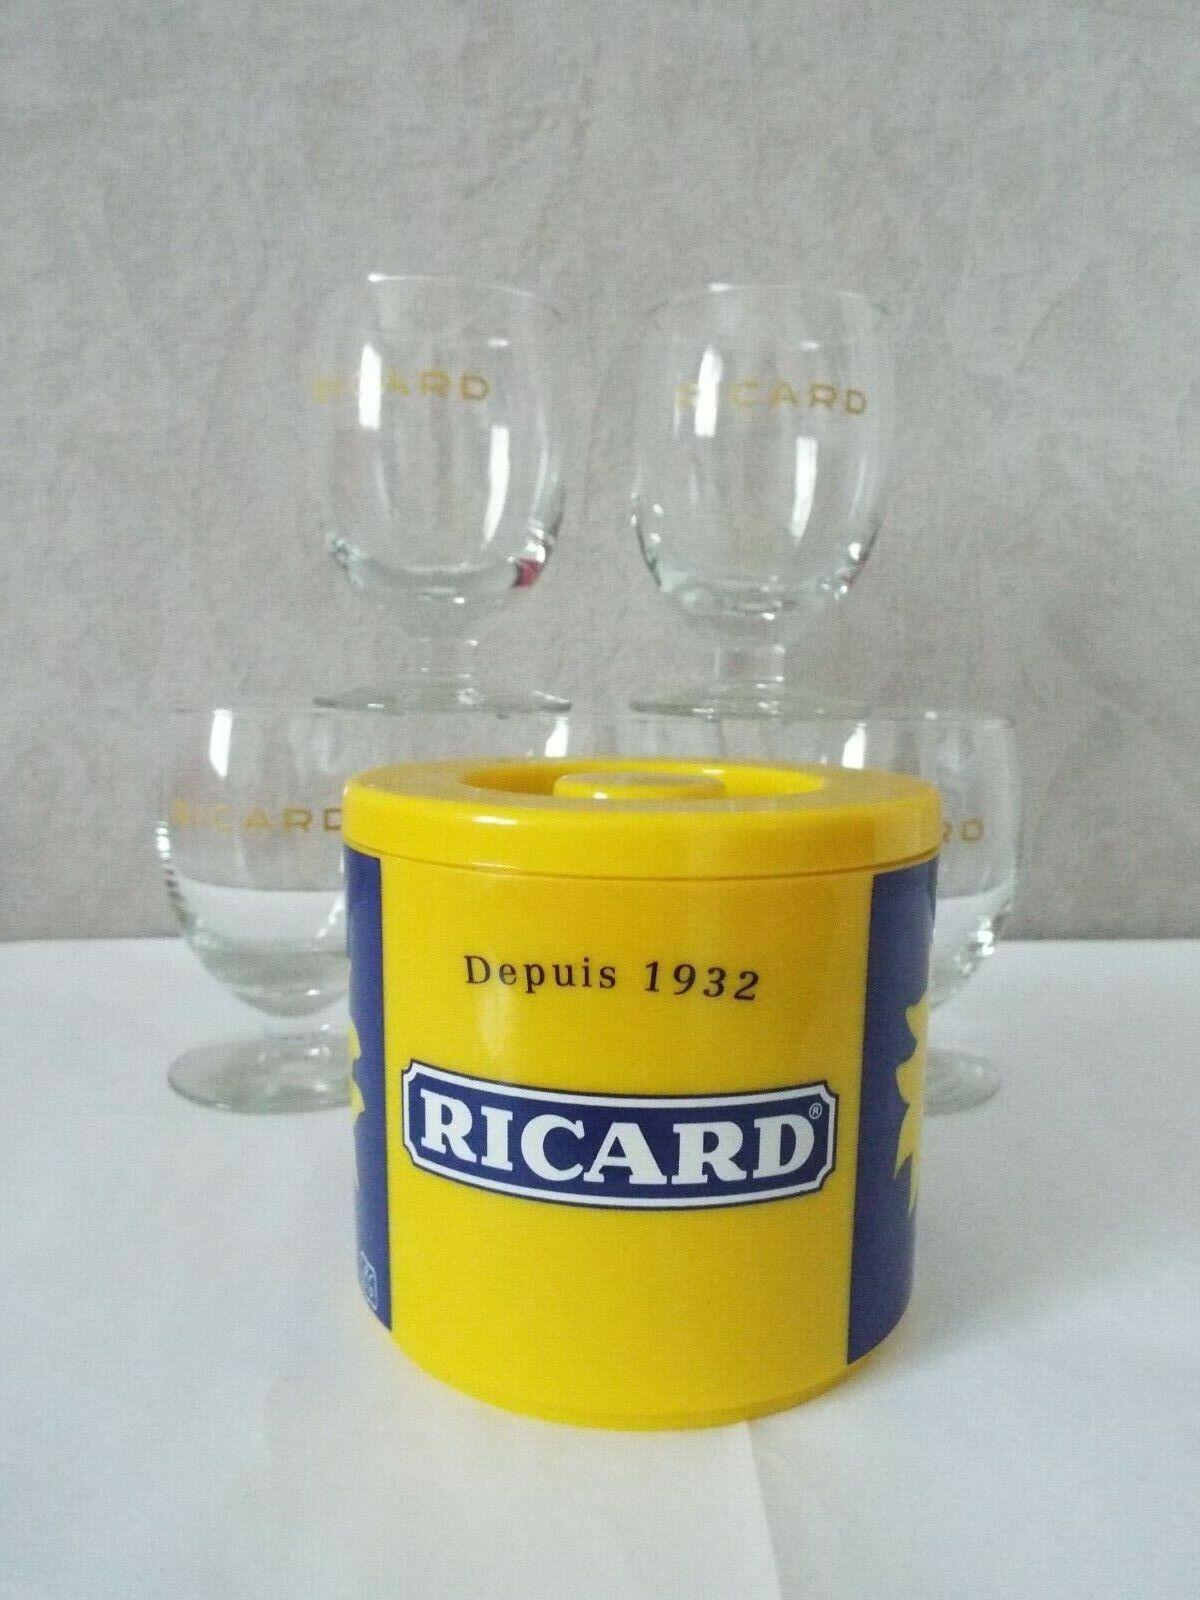 verres ricard 17 cl écriture jaune sans trait dose et un seau  à glaçons ricard